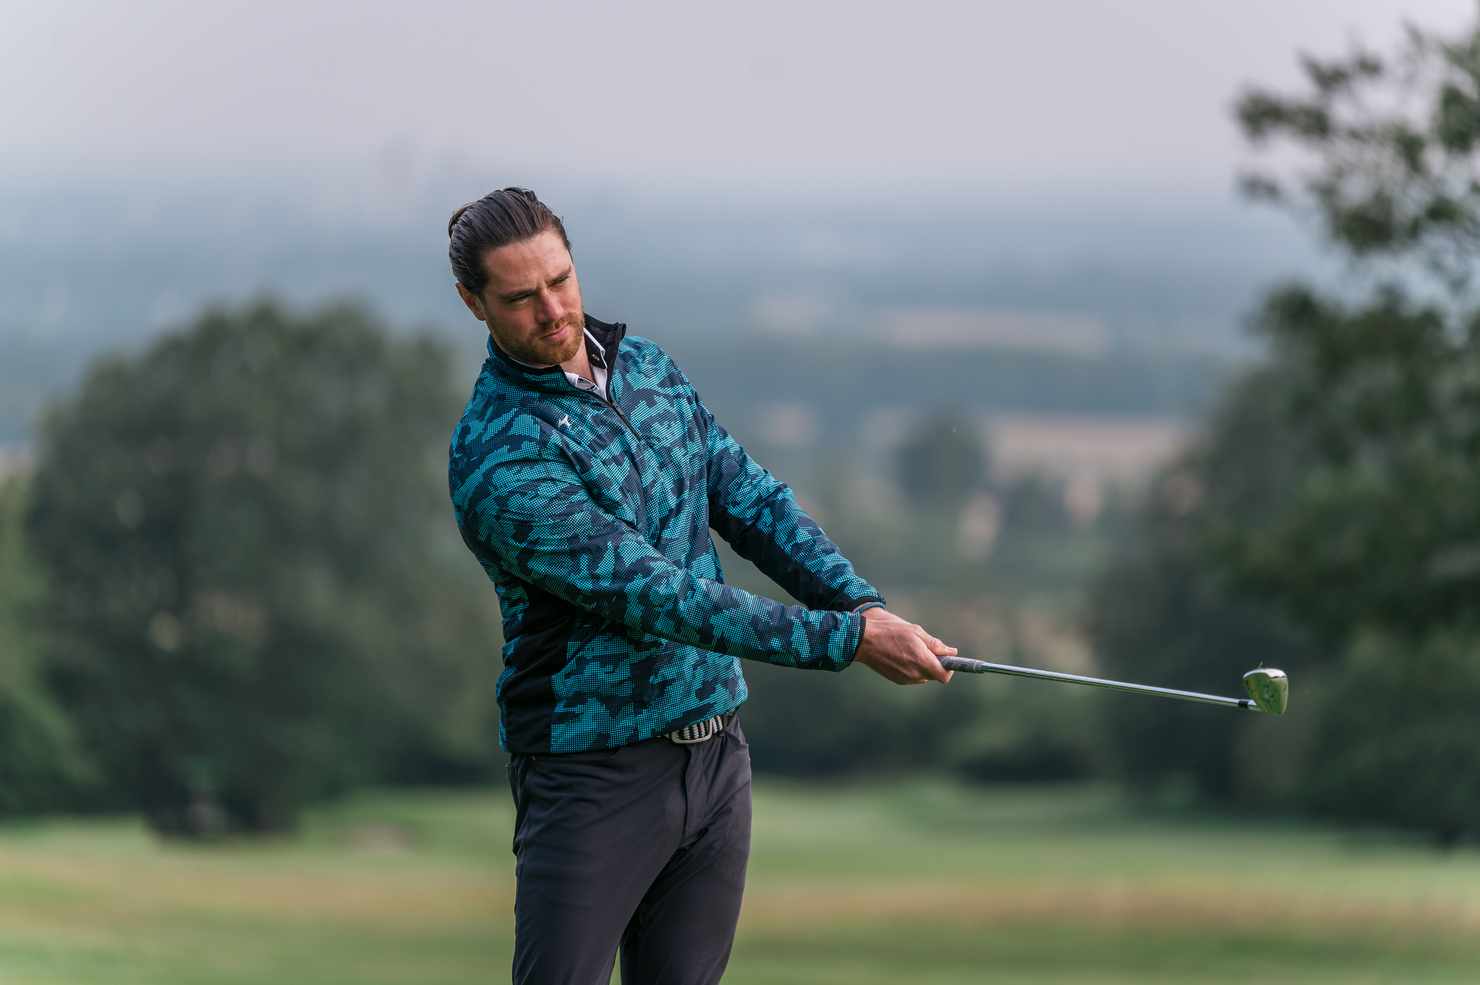 gra w golfa jak zacząć ile kosztuje